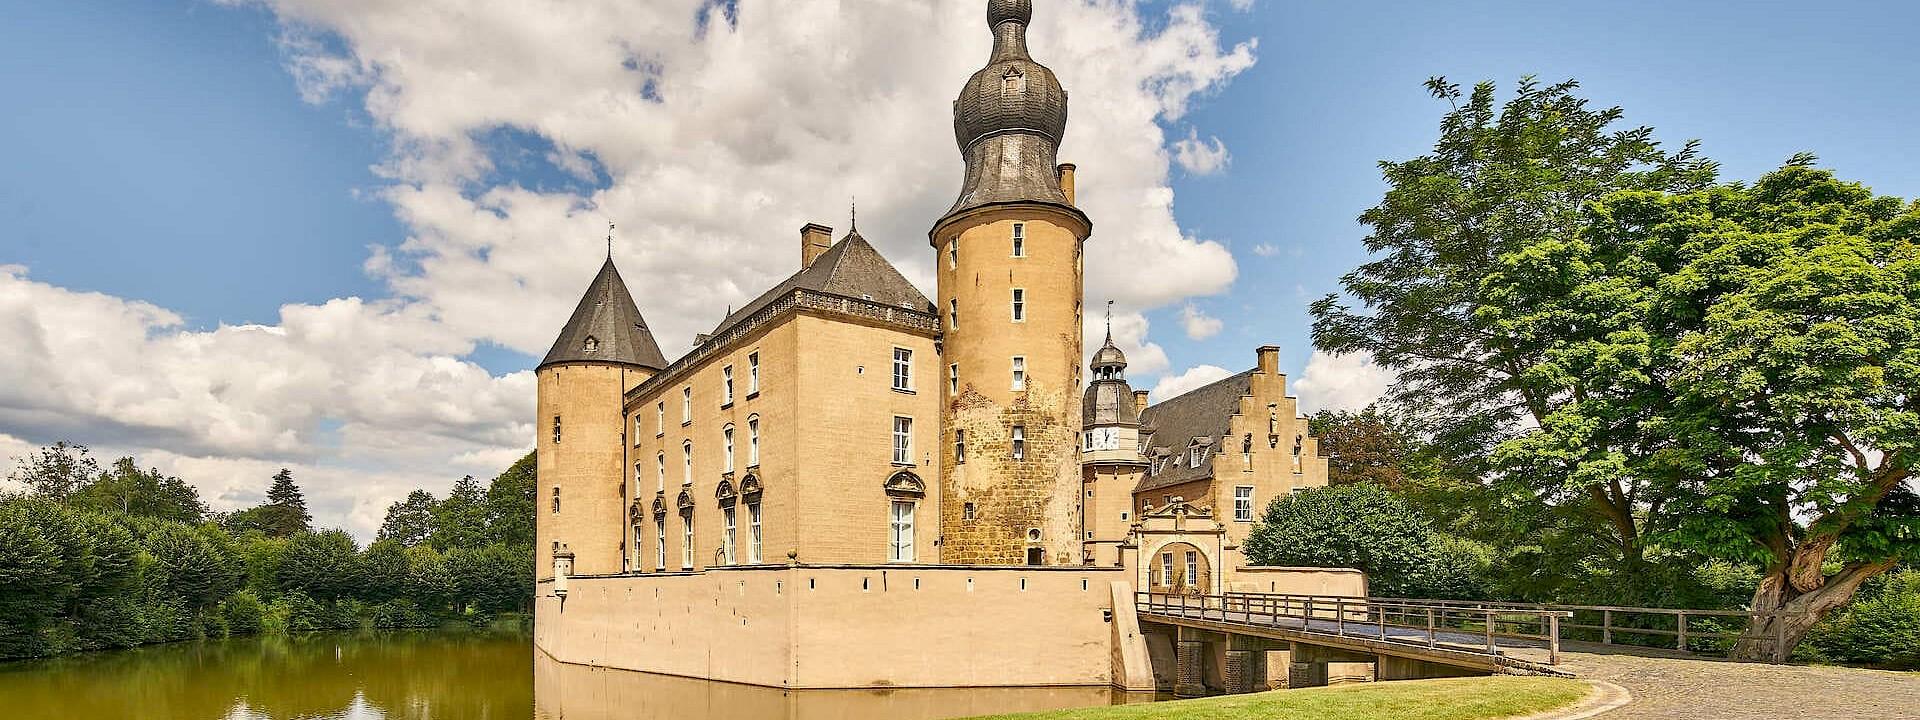 Schlösser- und Burgentag 2021 20. Juni 2021